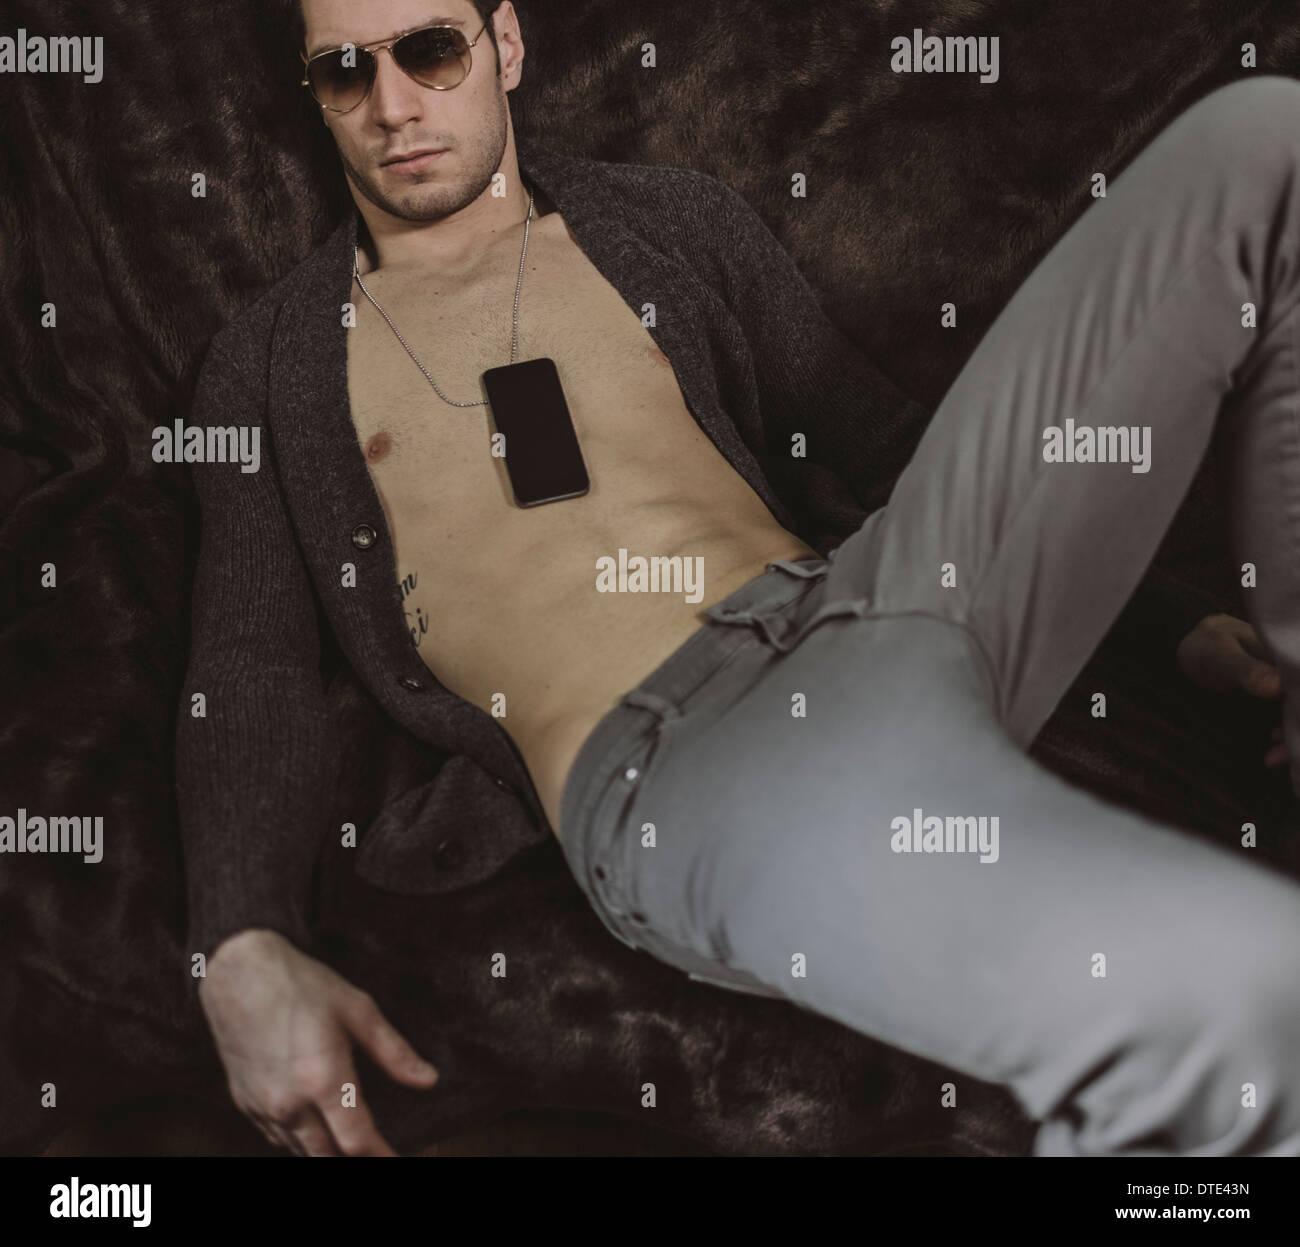 Teil der Serie zeigt verschiedene Möglichkeiten einer trägt eine Smartphone, eine Halskette hängen Stockbild